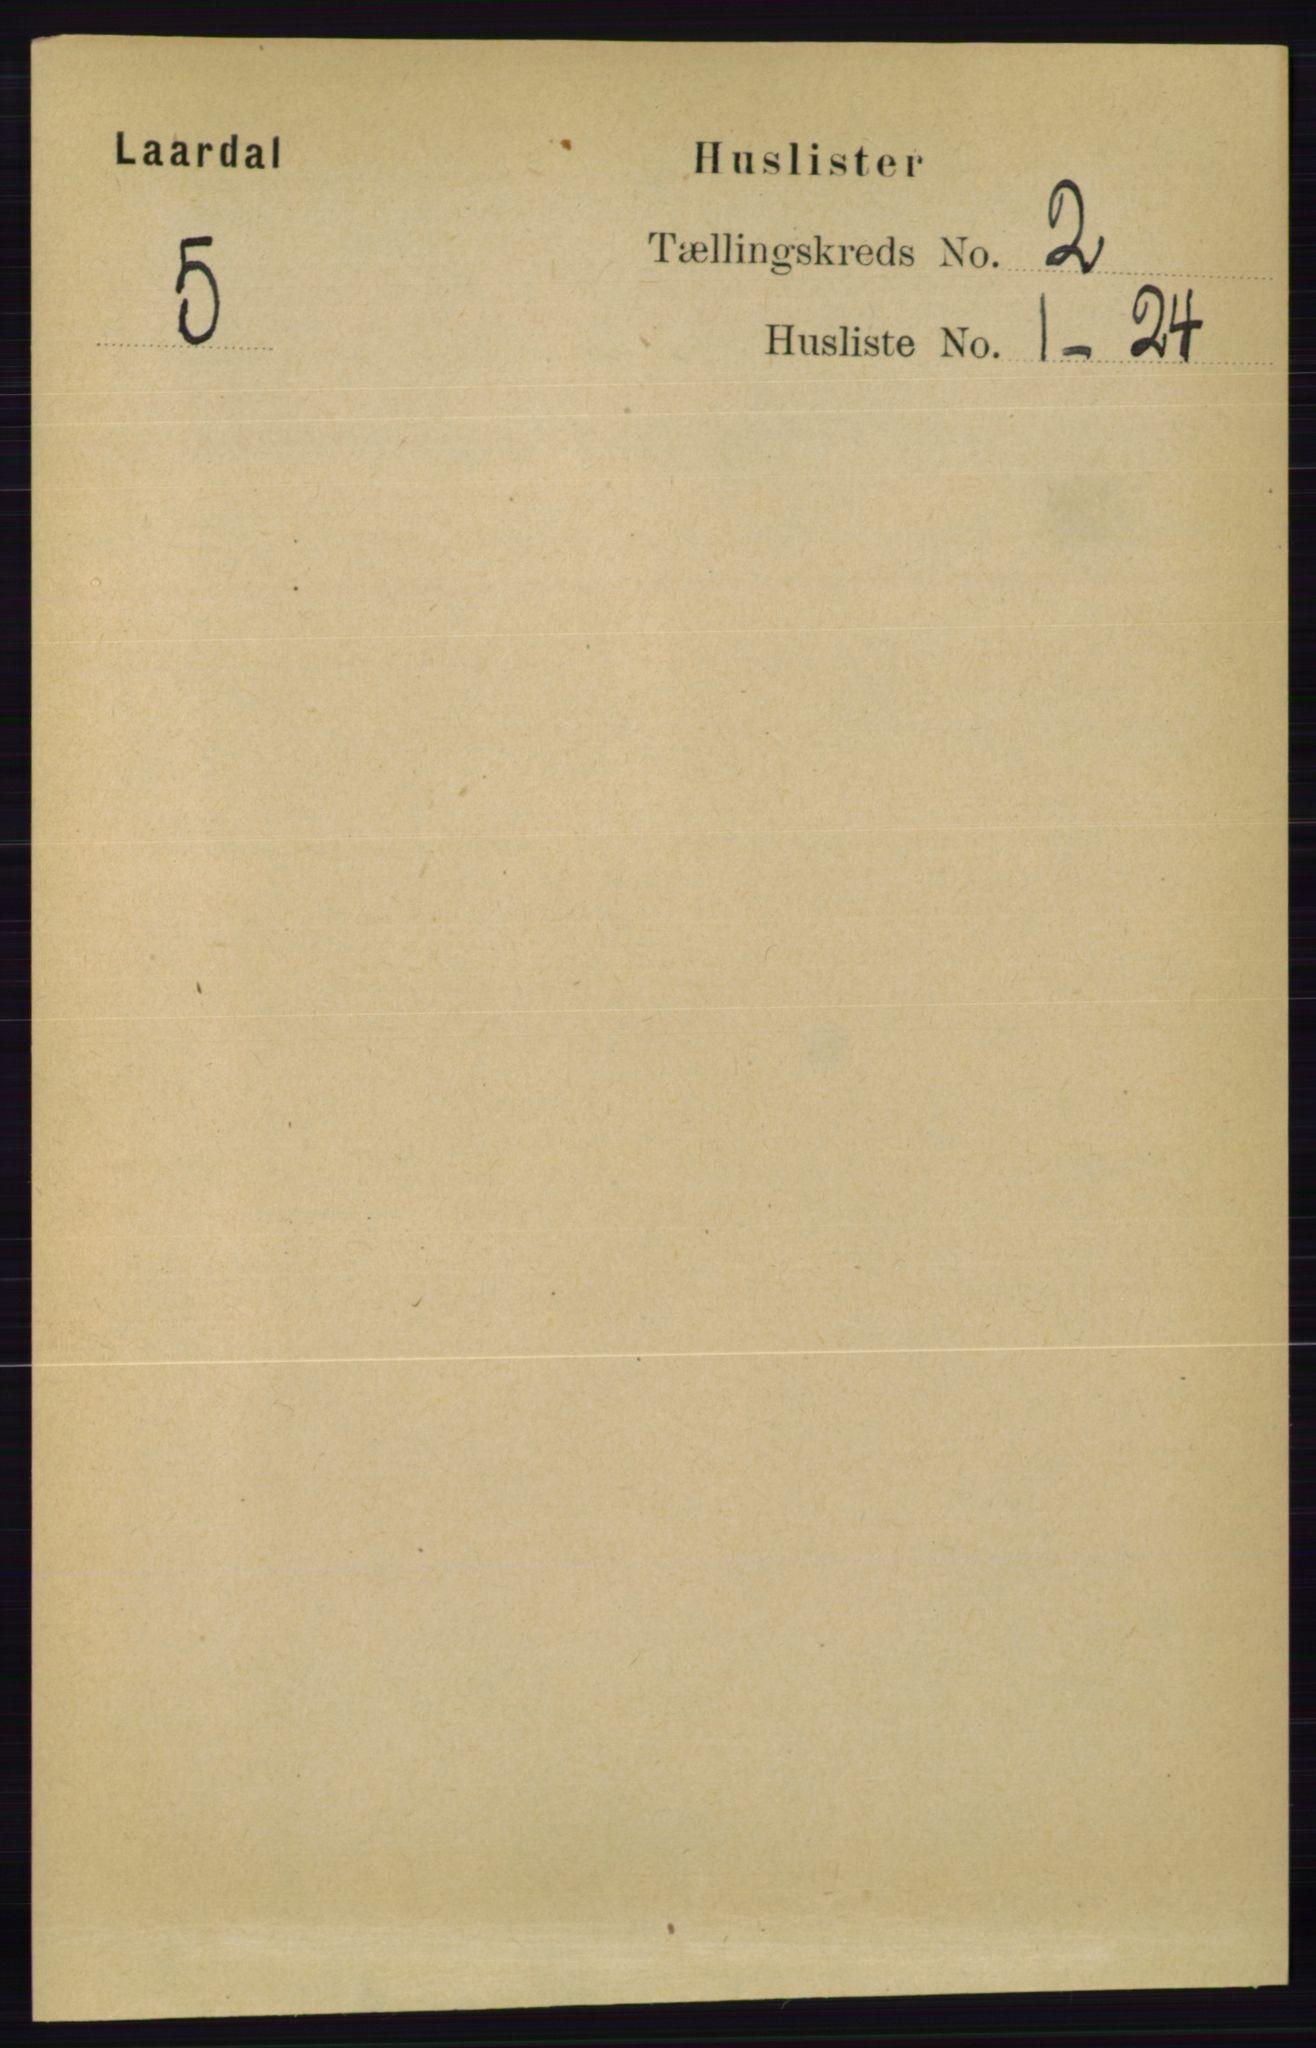 RA, Folketelling 1891 for 0833 Lårdal herred, 1891, s. 570